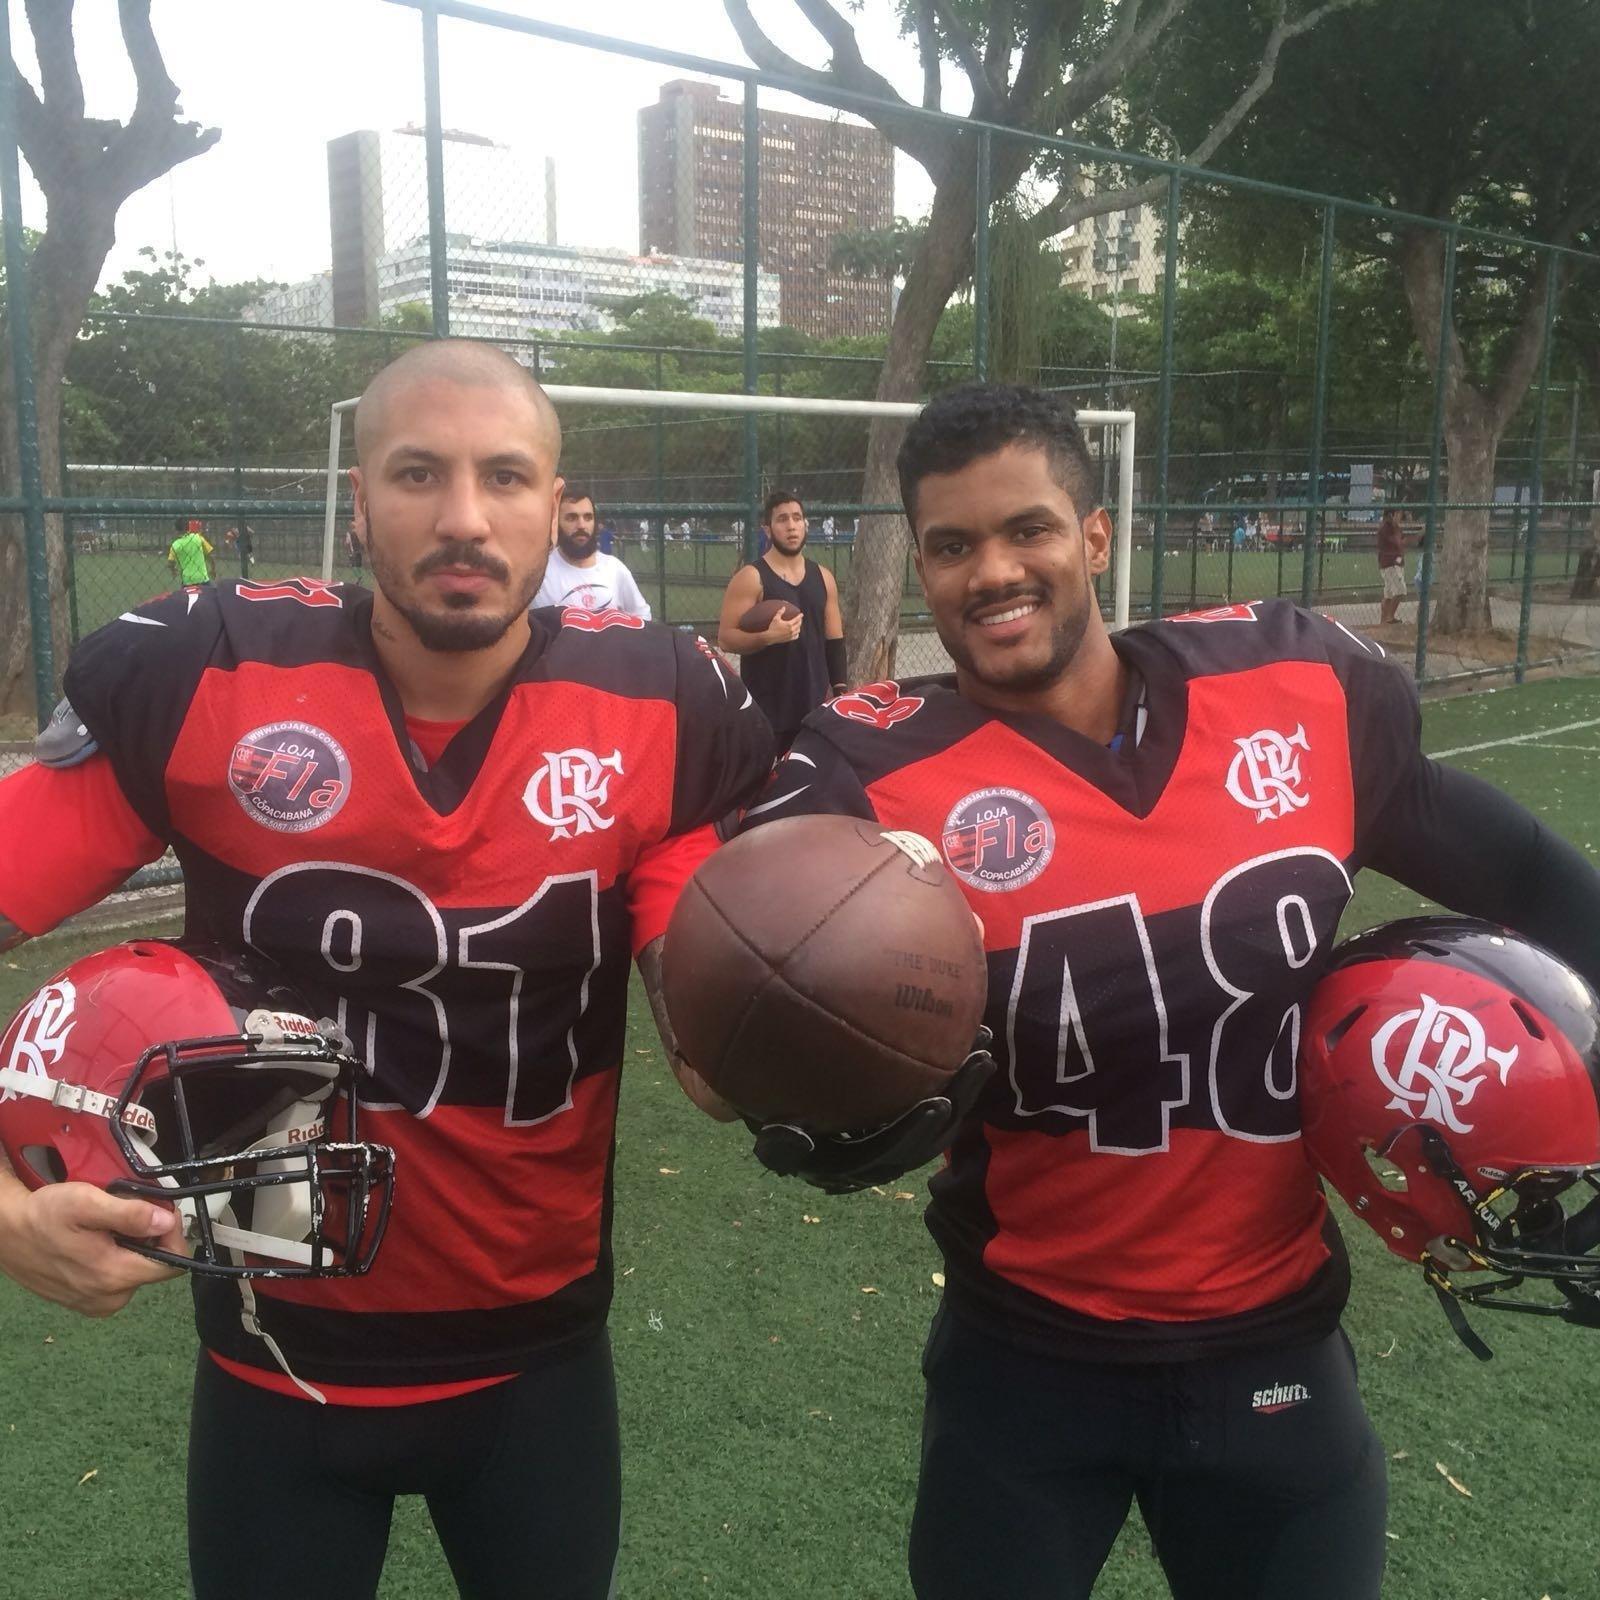 9a6ac42e2b Ex-BBB realiza sonho de torcedor e reforça Flamengo no futebol americano -  08 03 2016 - UOL Esporte